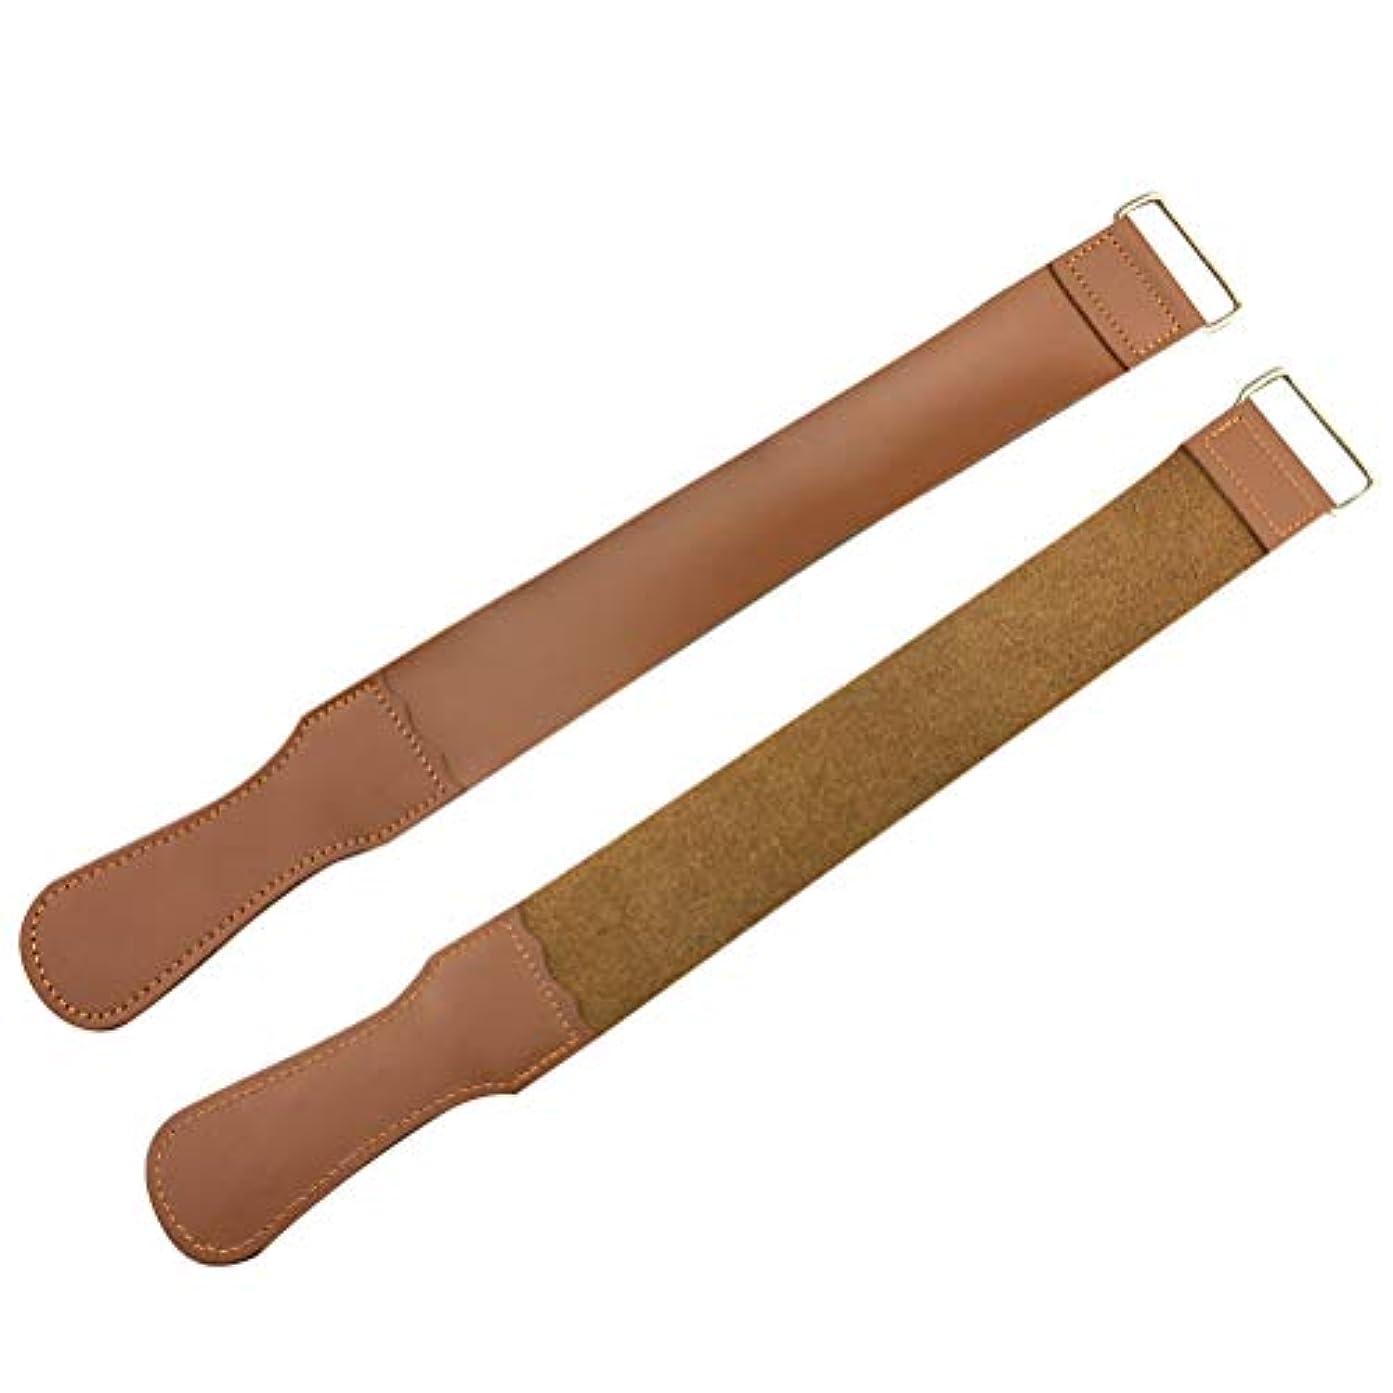 SUPVOX 2ピースストレートカミソリストラップ純粋な革研ぎストラップナイフ研ぎベルトシャープナー用折りたたみストレートかみそりシェービングナイフ